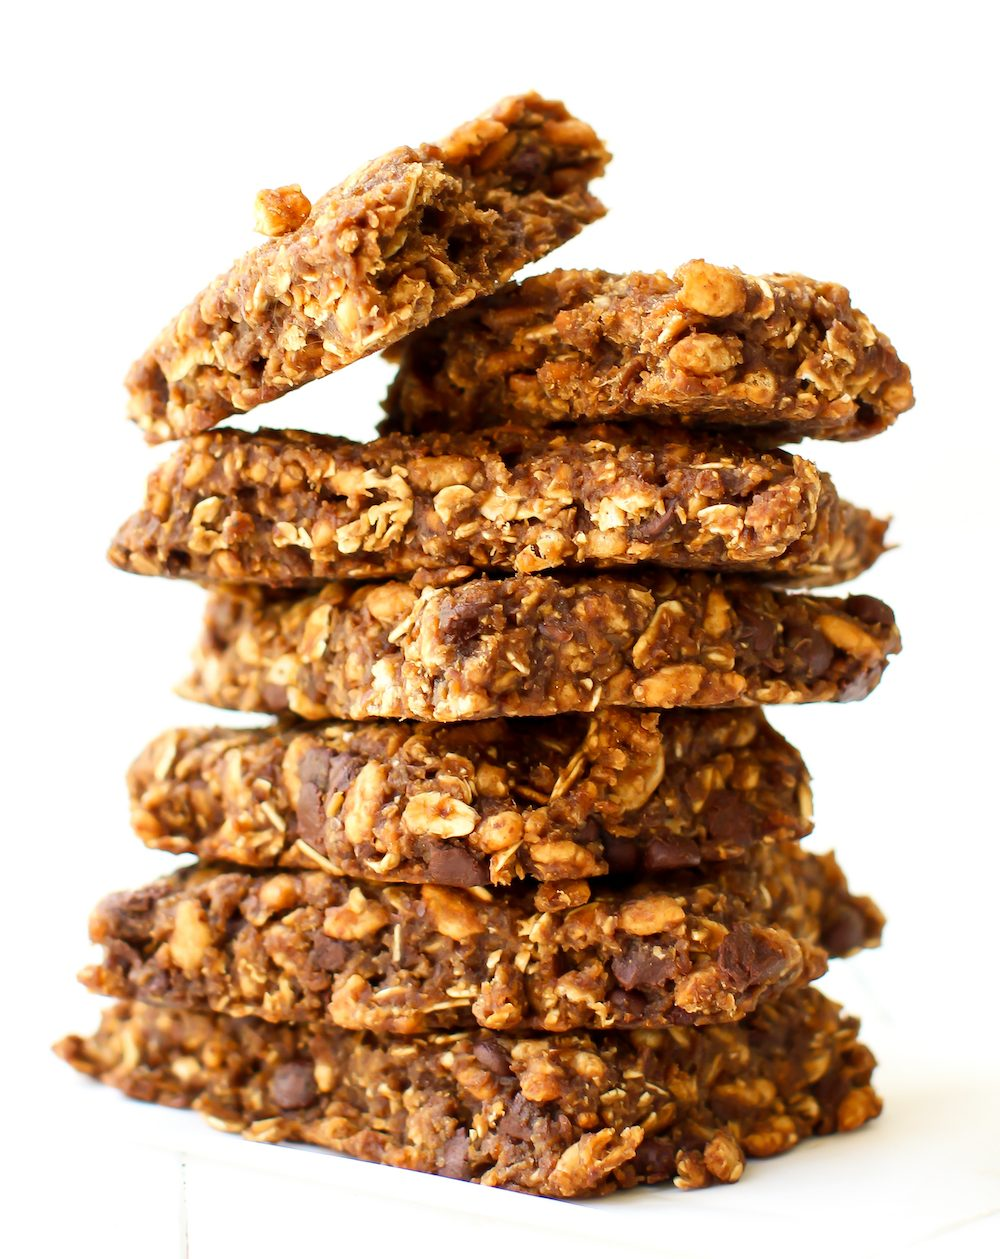 Homemade Clif Bars Vegan Gluten Free Chocolate Chip Recipe